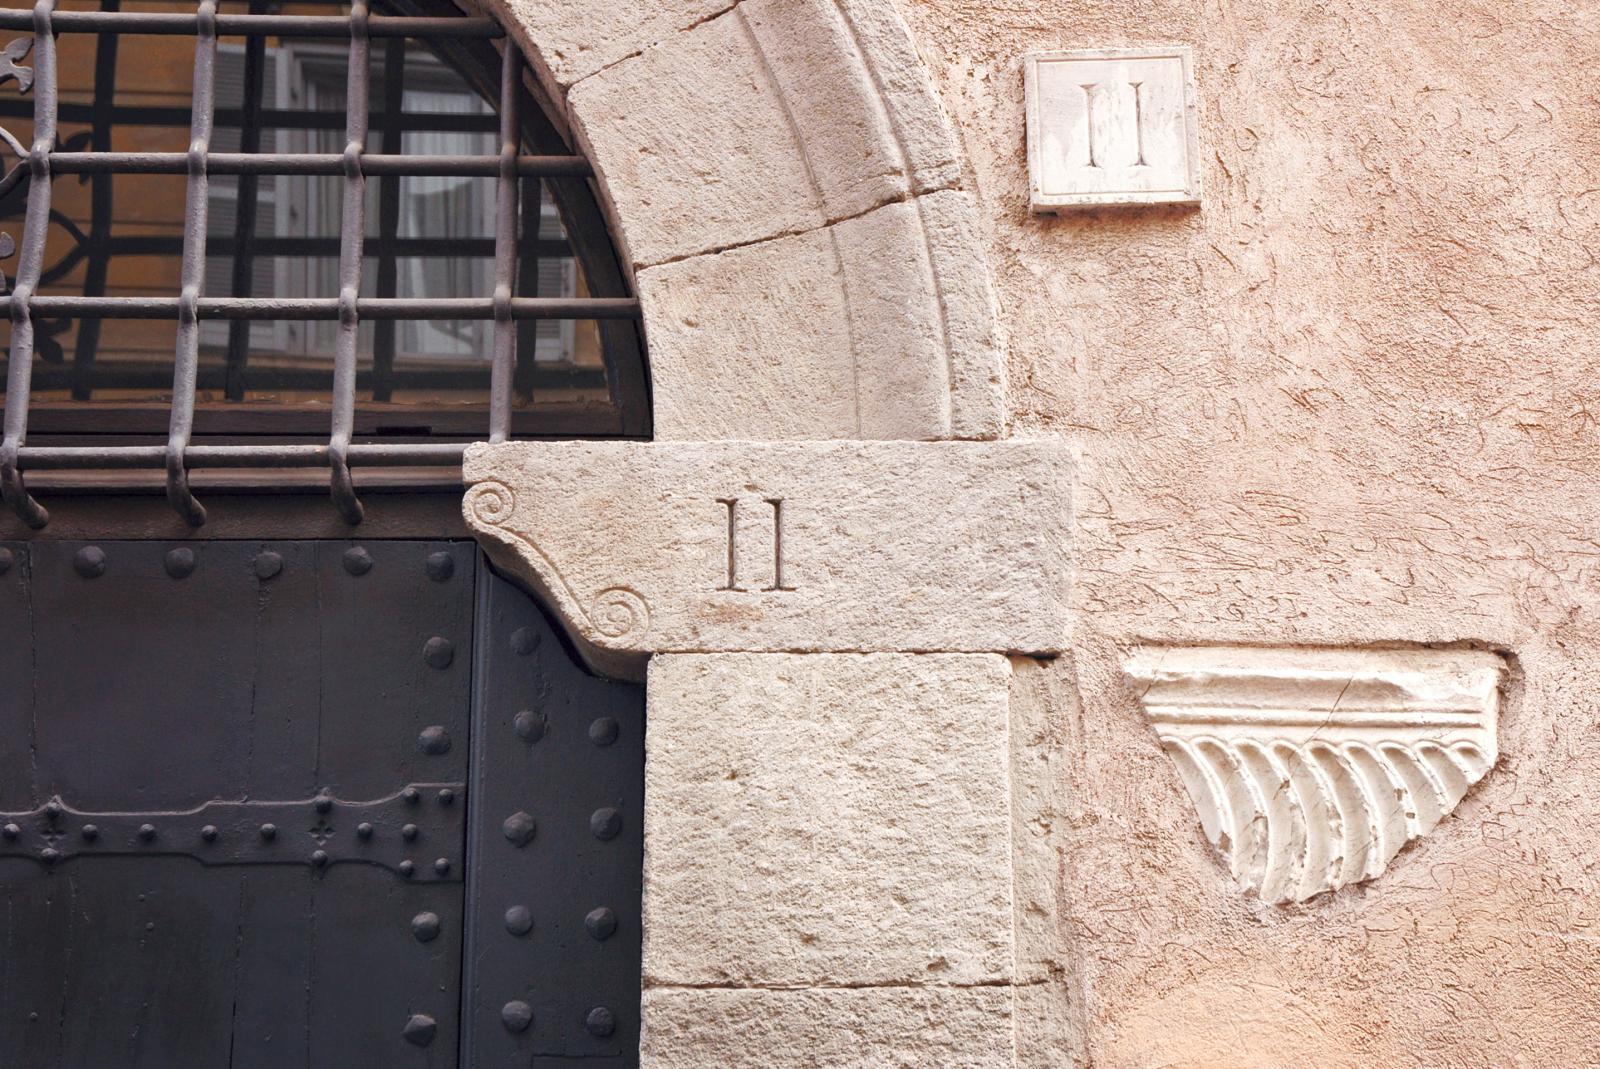 porte avec numéro 11